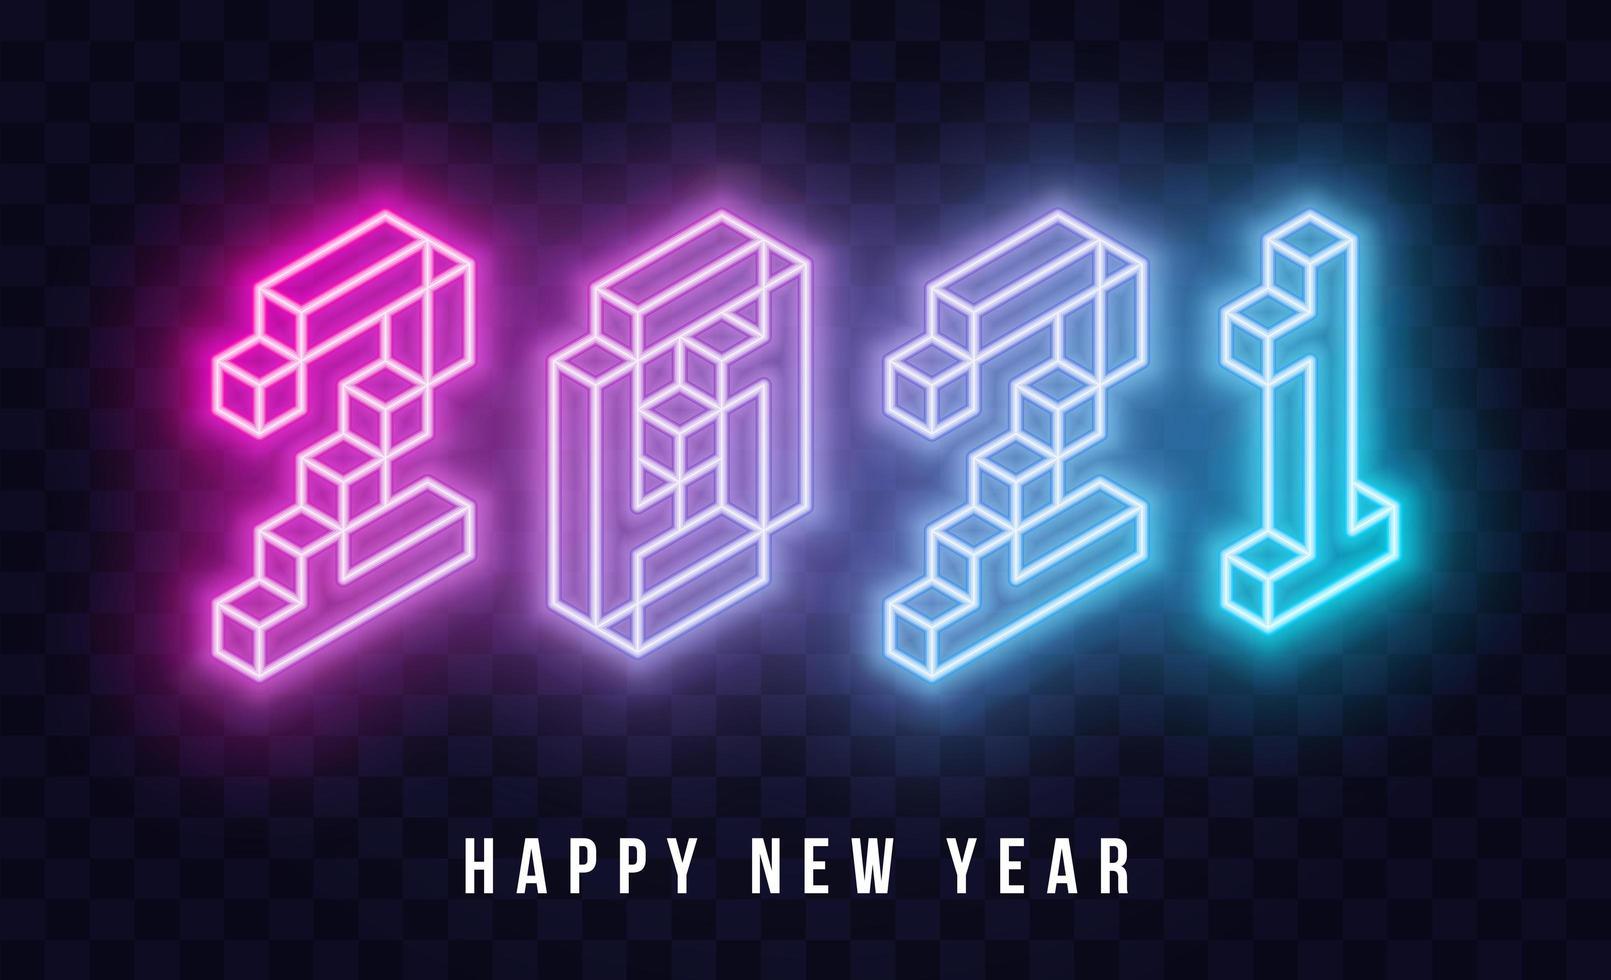 2021 Frohes Neues Jahr isometrischer Neontext vektor